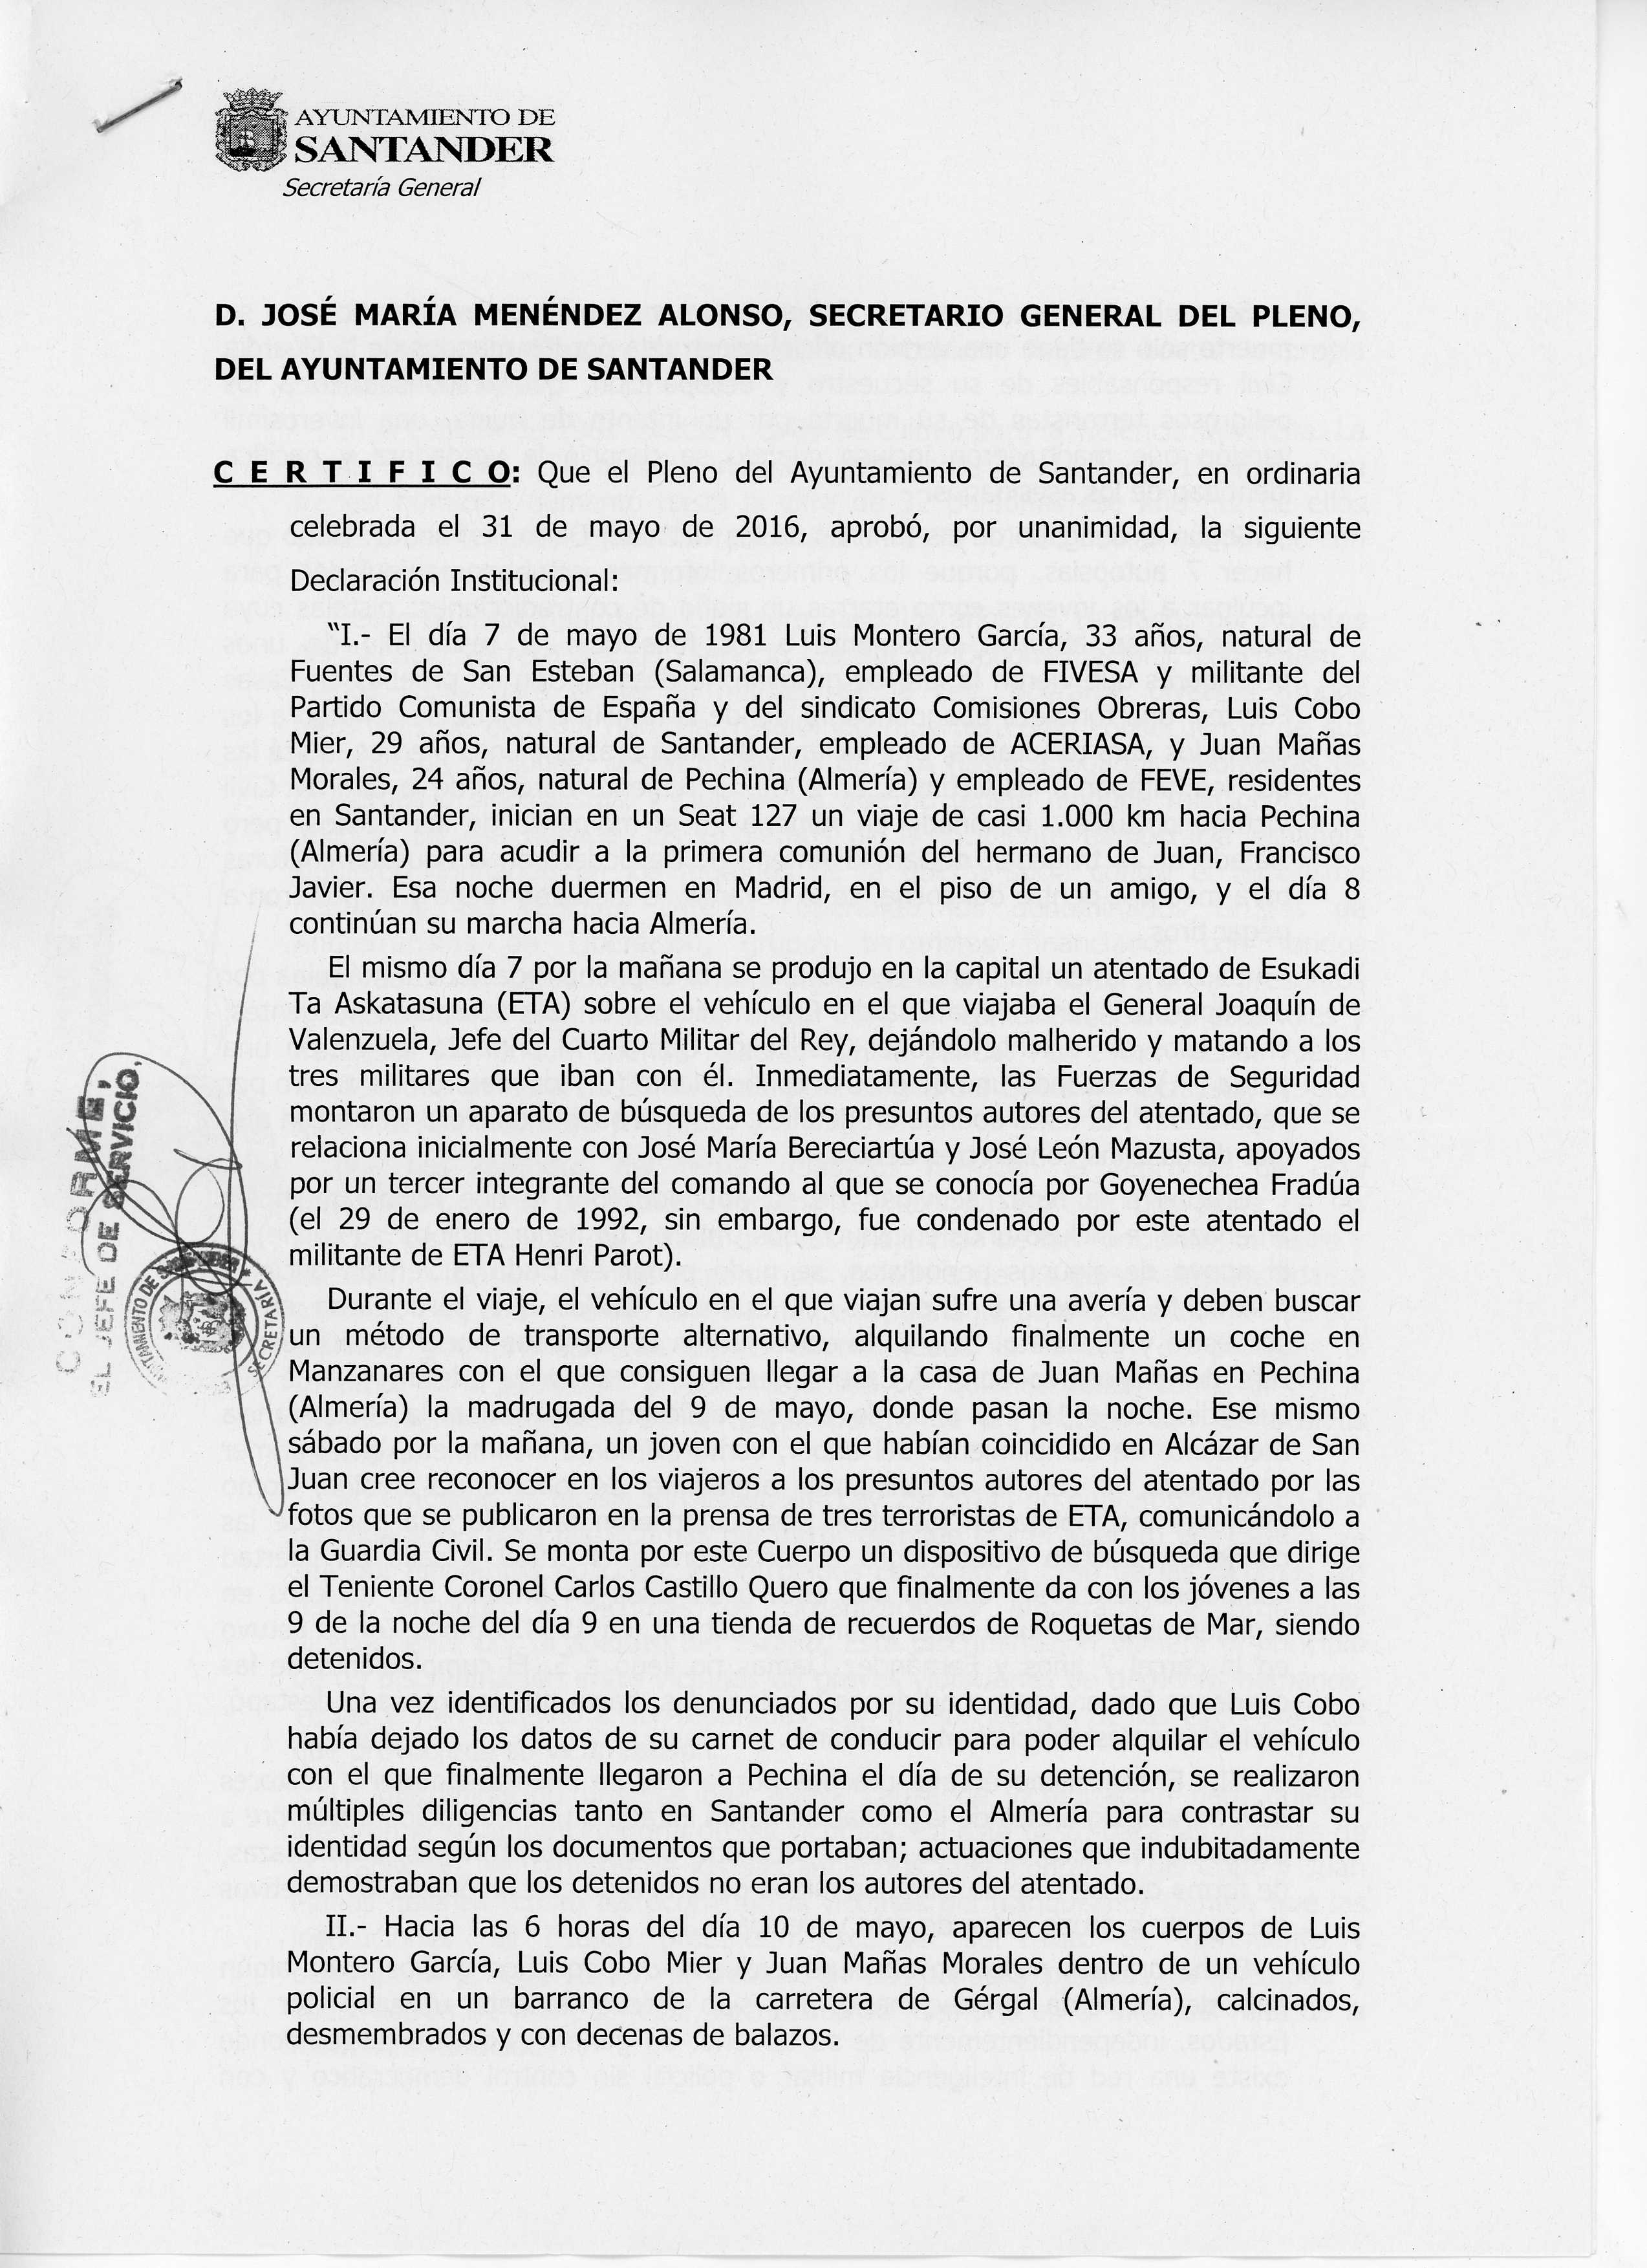 Declaracion institucional001